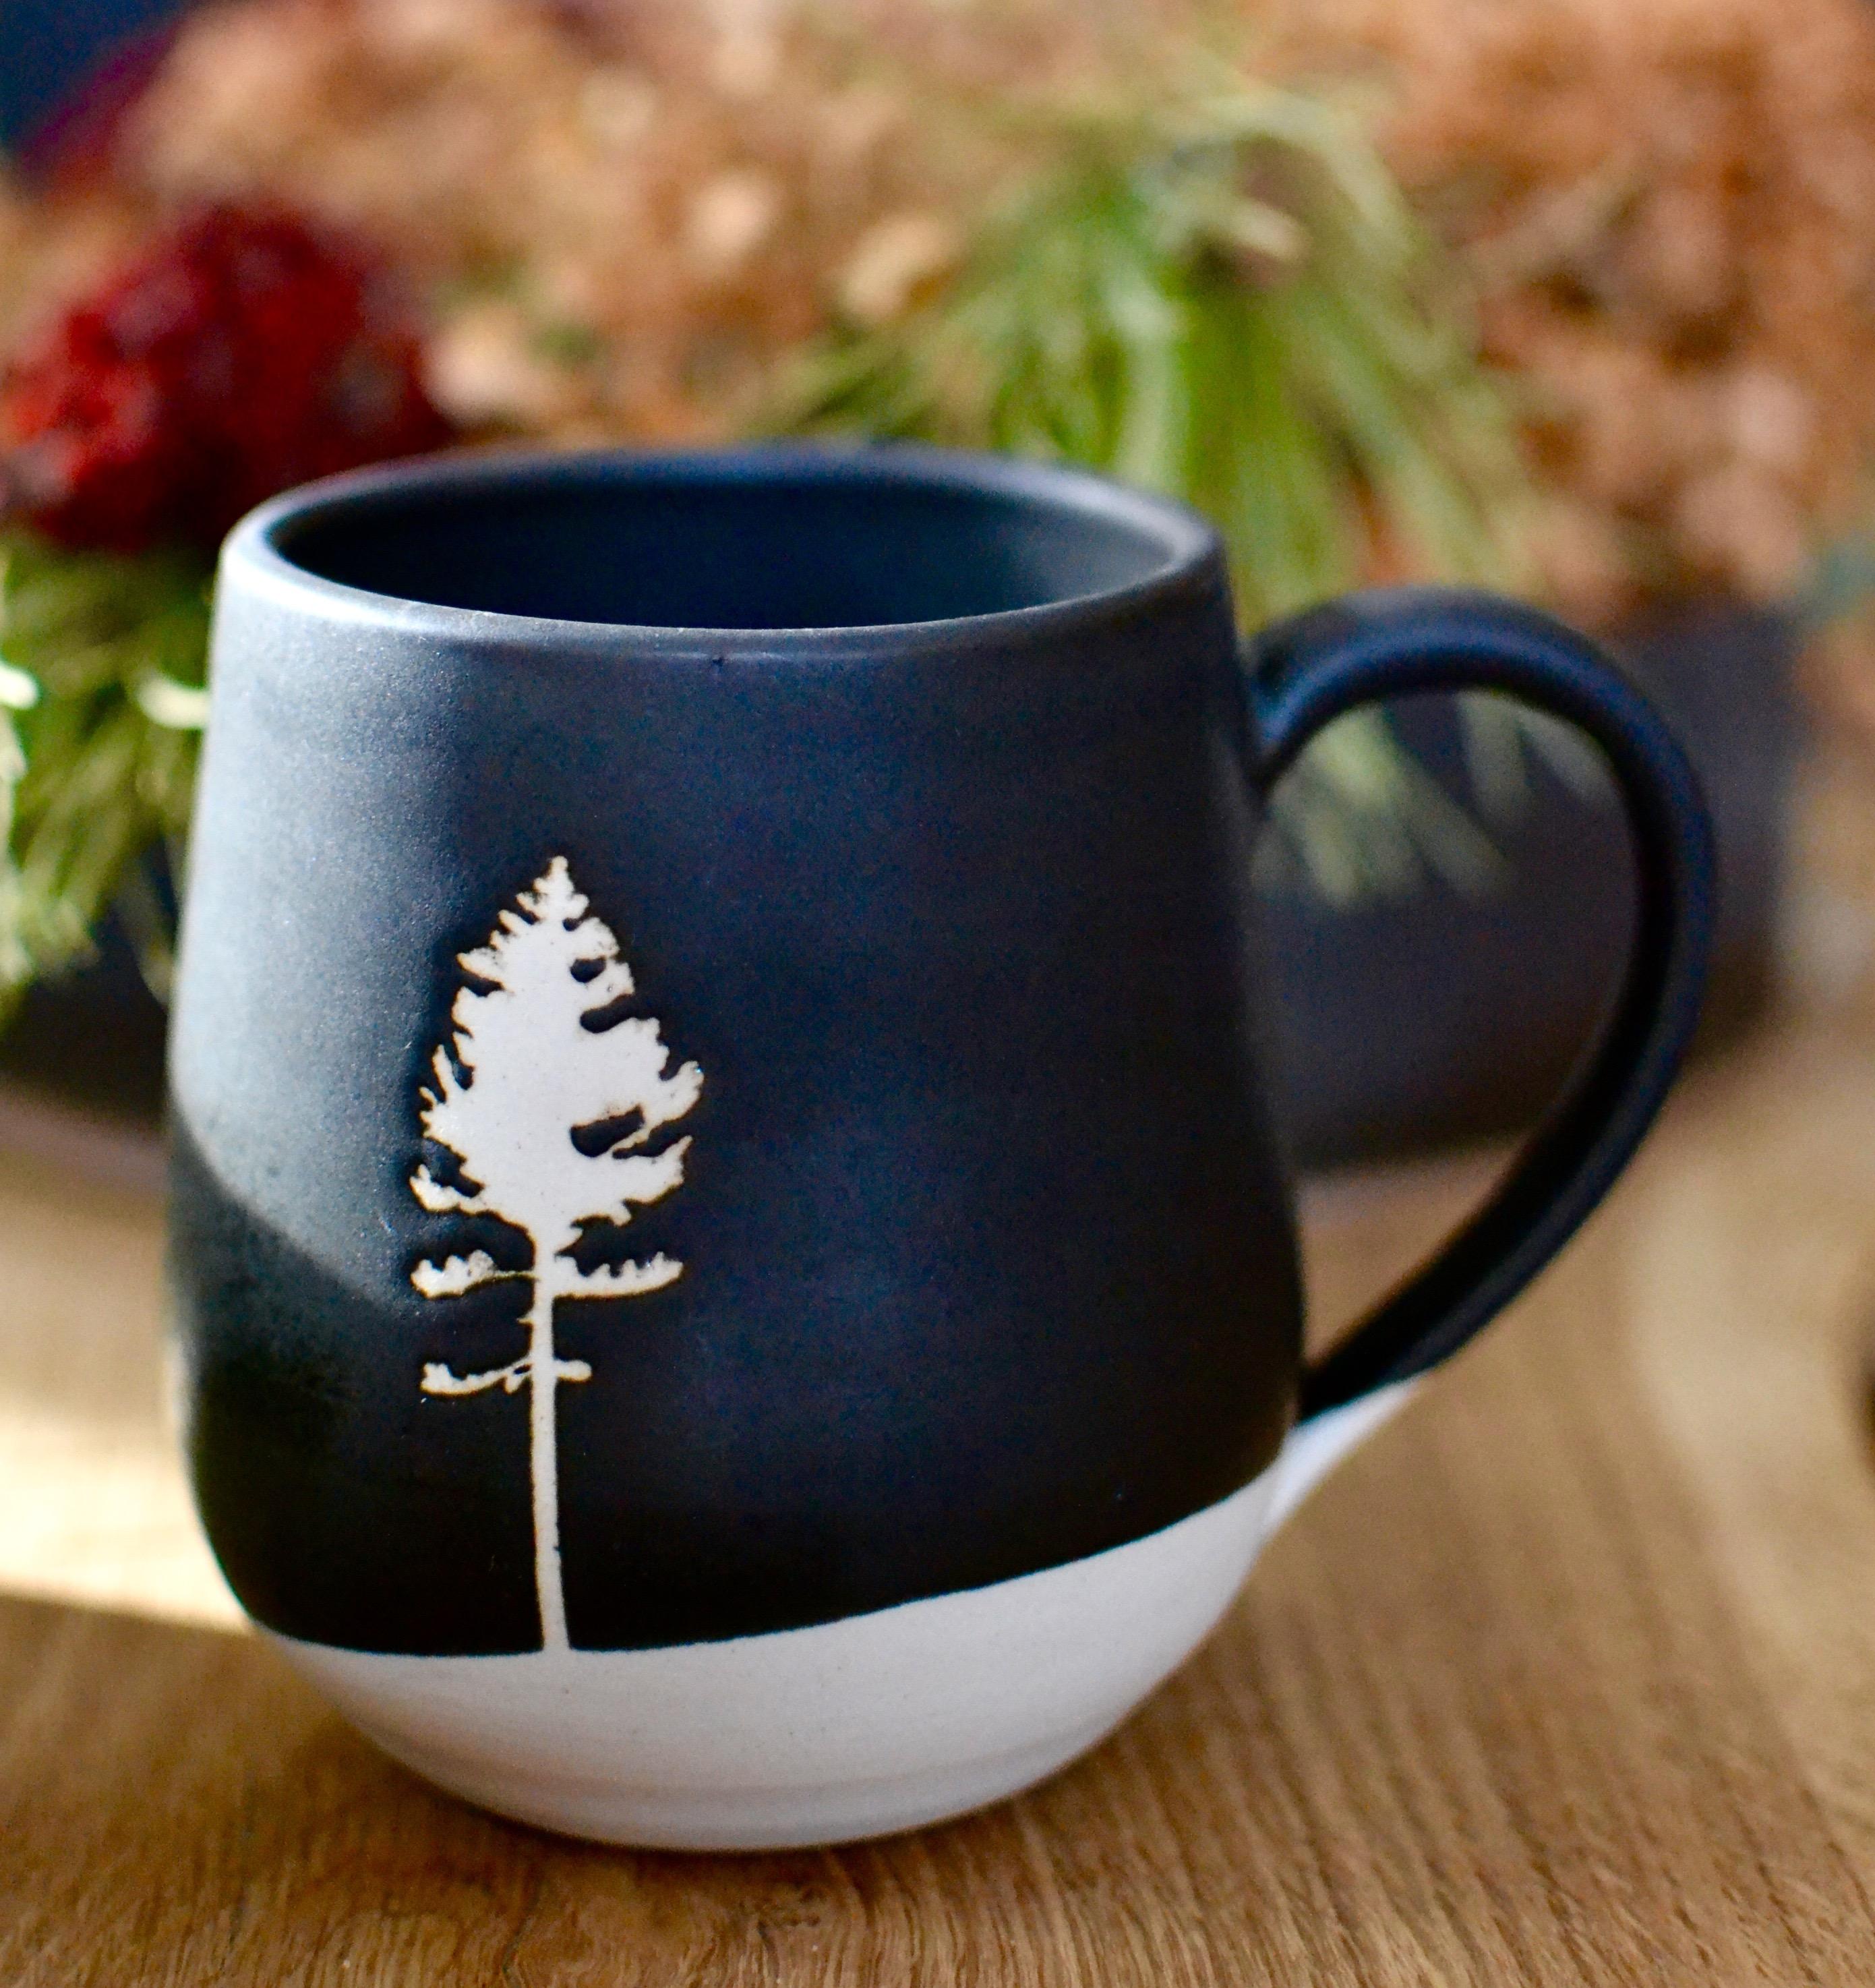 Norway Pine Mug